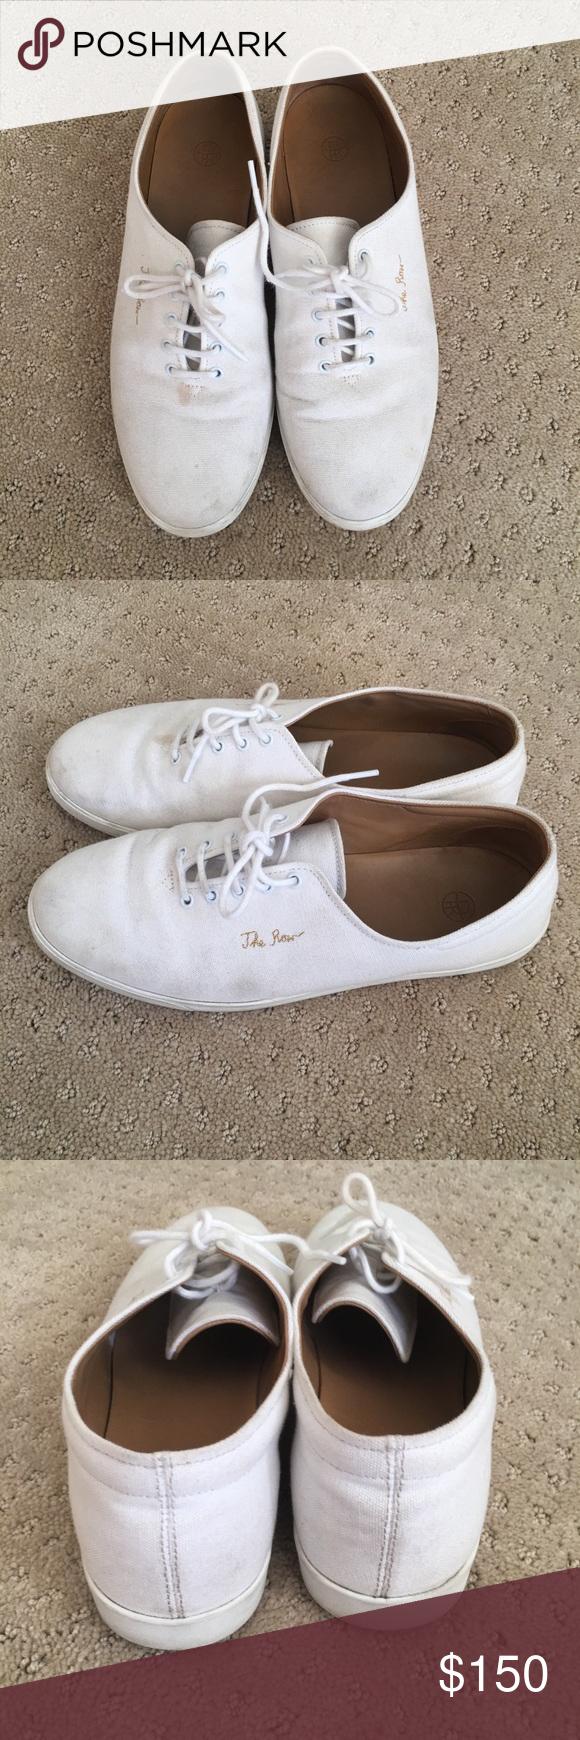 6bd588327664 The Row Dean Canvas White tennis shoe